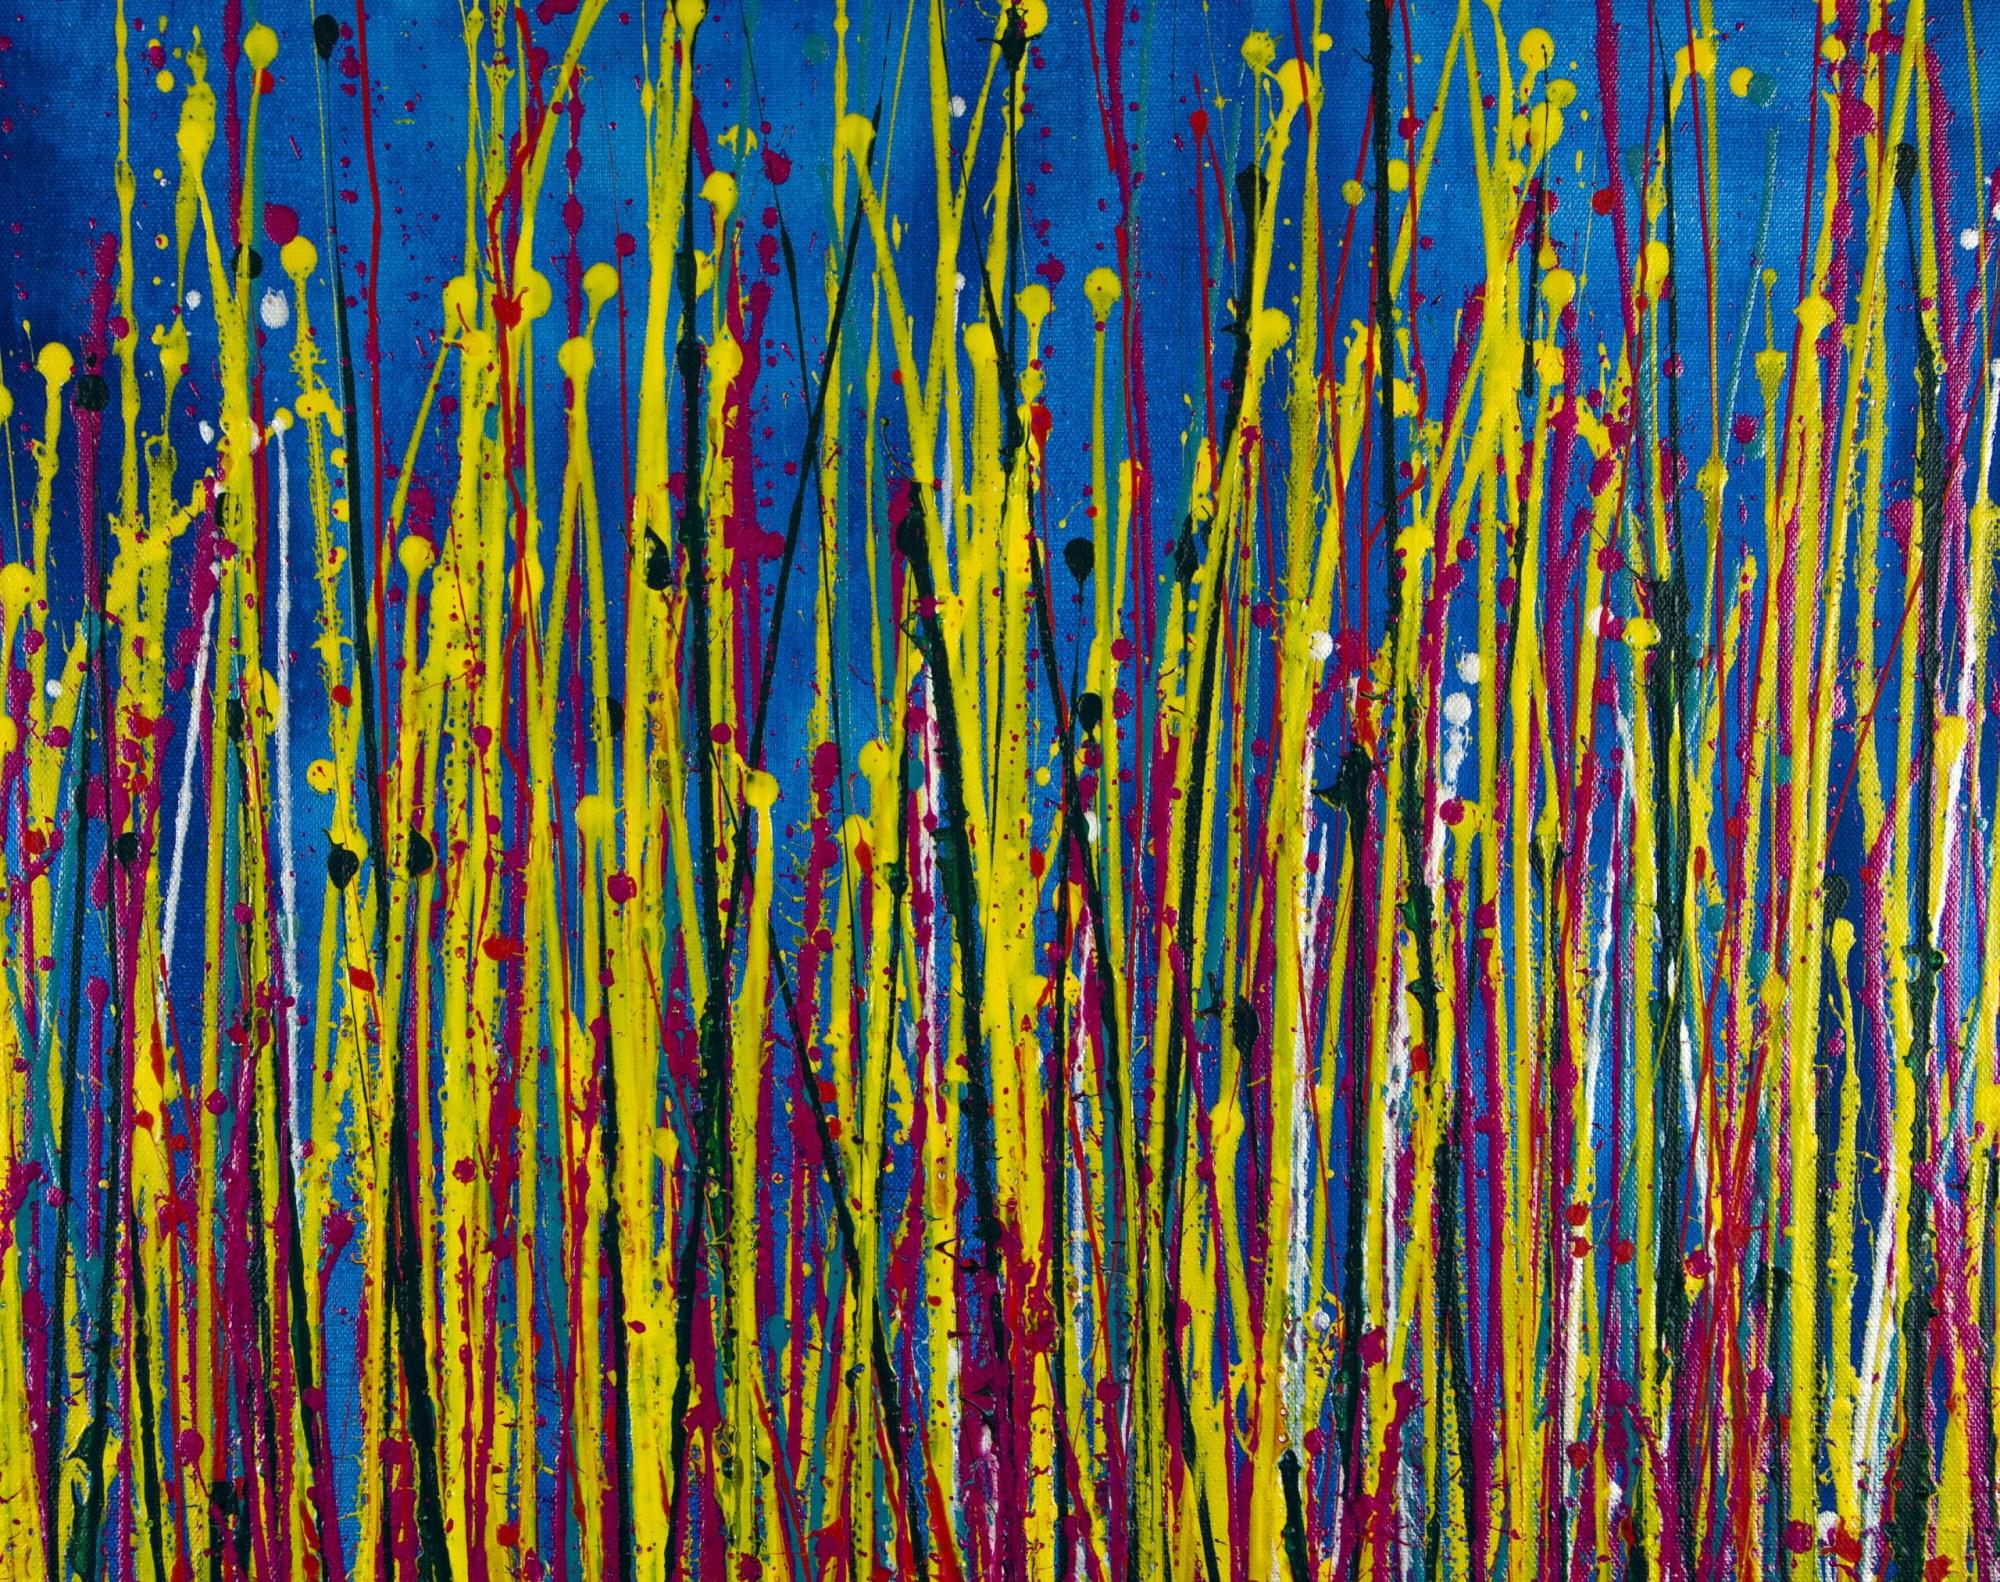 Daydream Panorama (Natures Imagery) 27 / 2021 / Artist Nestor Toro